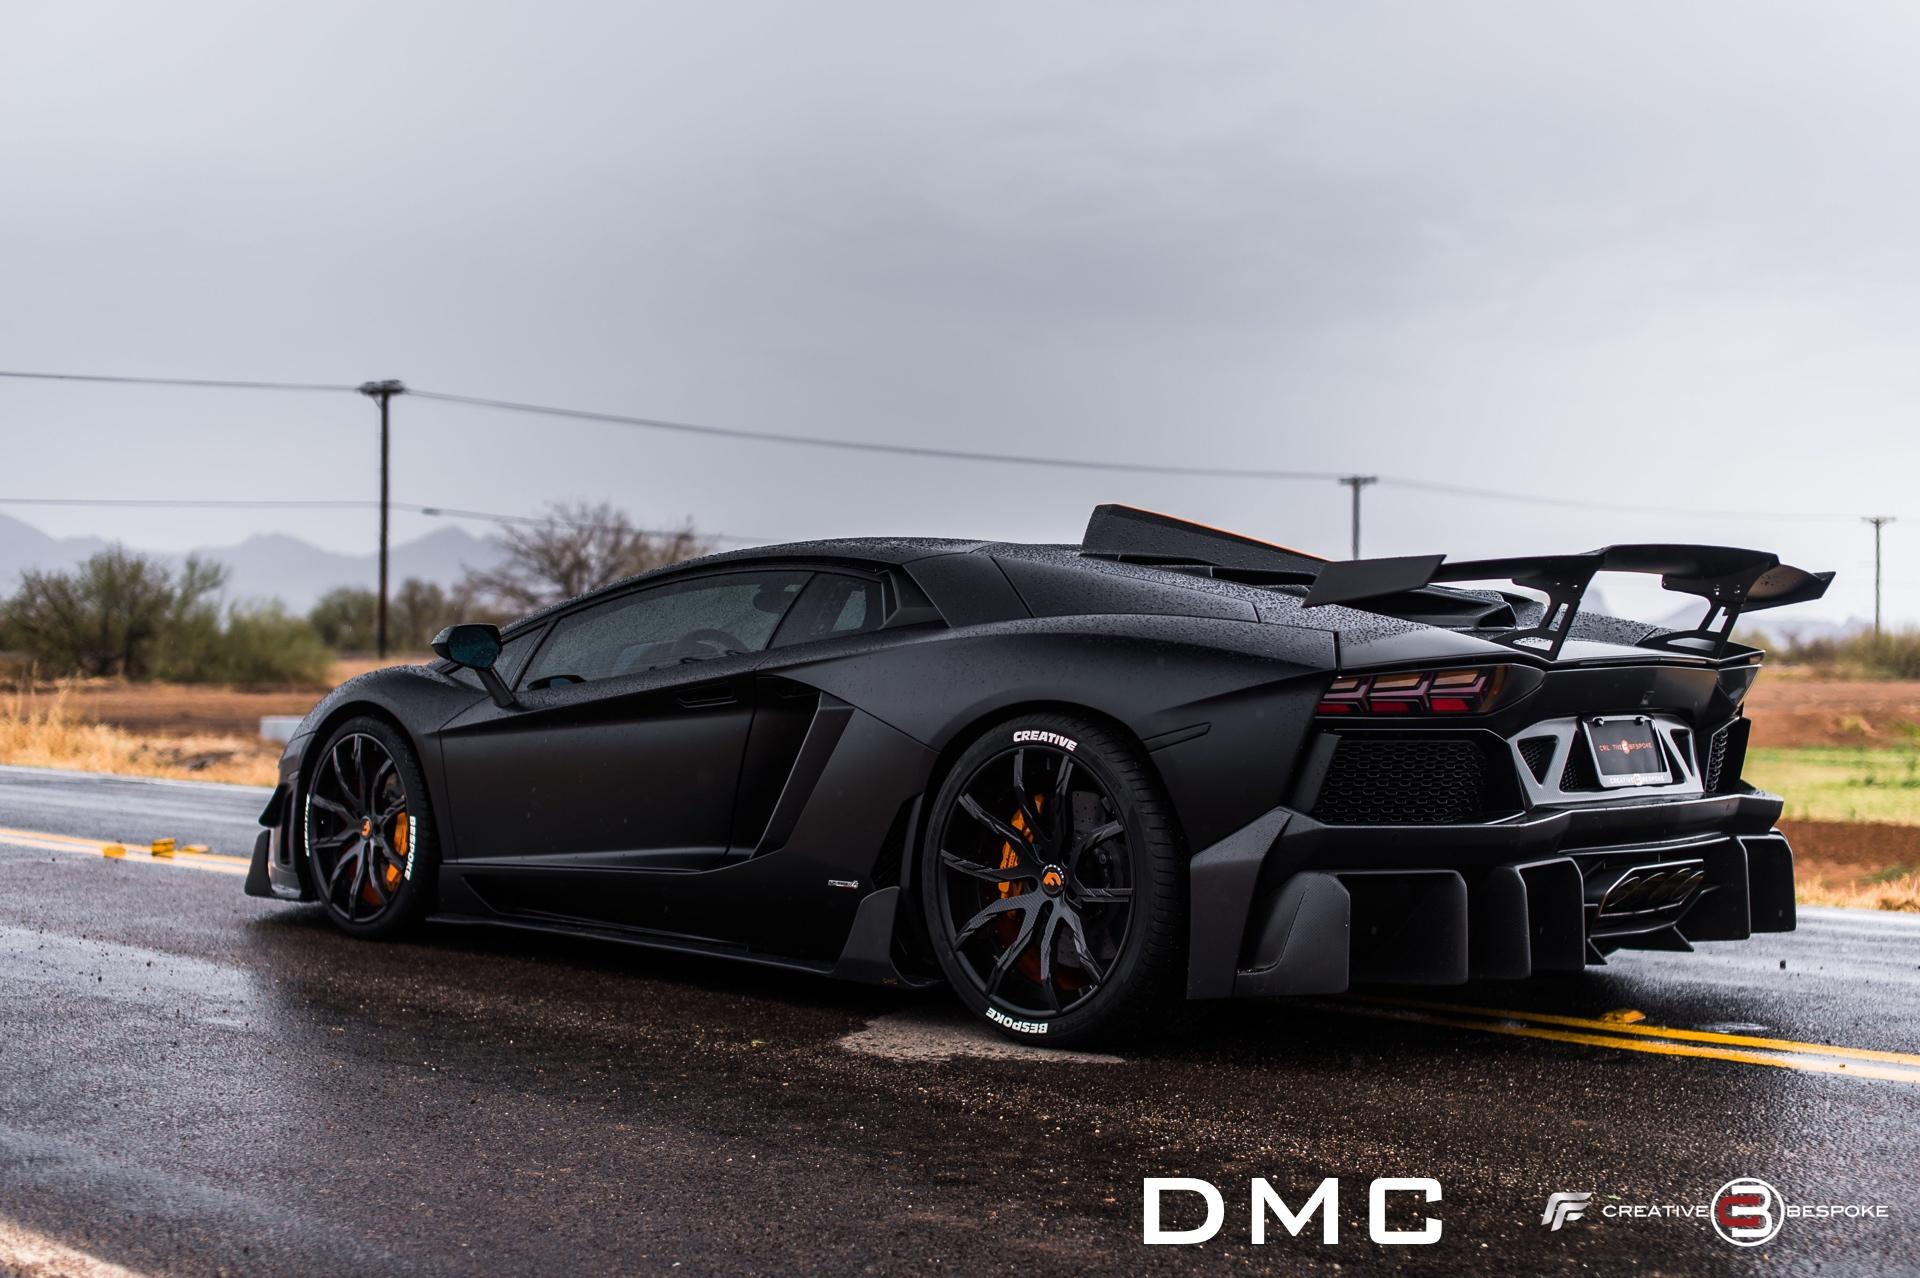 Lamborghini_Aventador_Edizione_GT_Las_Americas_DMC_0002